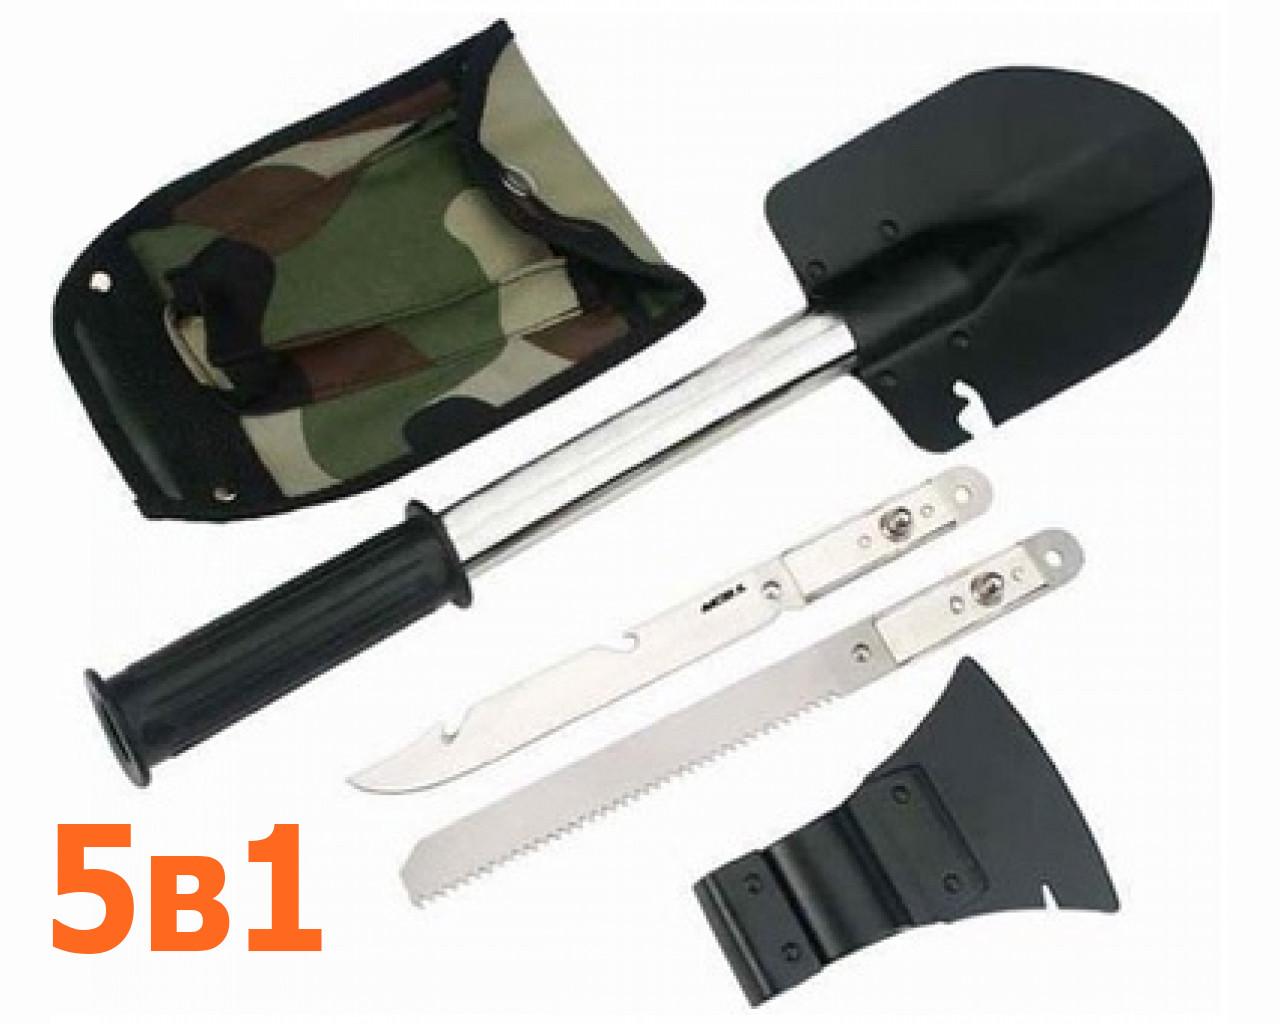 Универсальная туристическая саперная лопата, топор, нож, пила 5 в 1